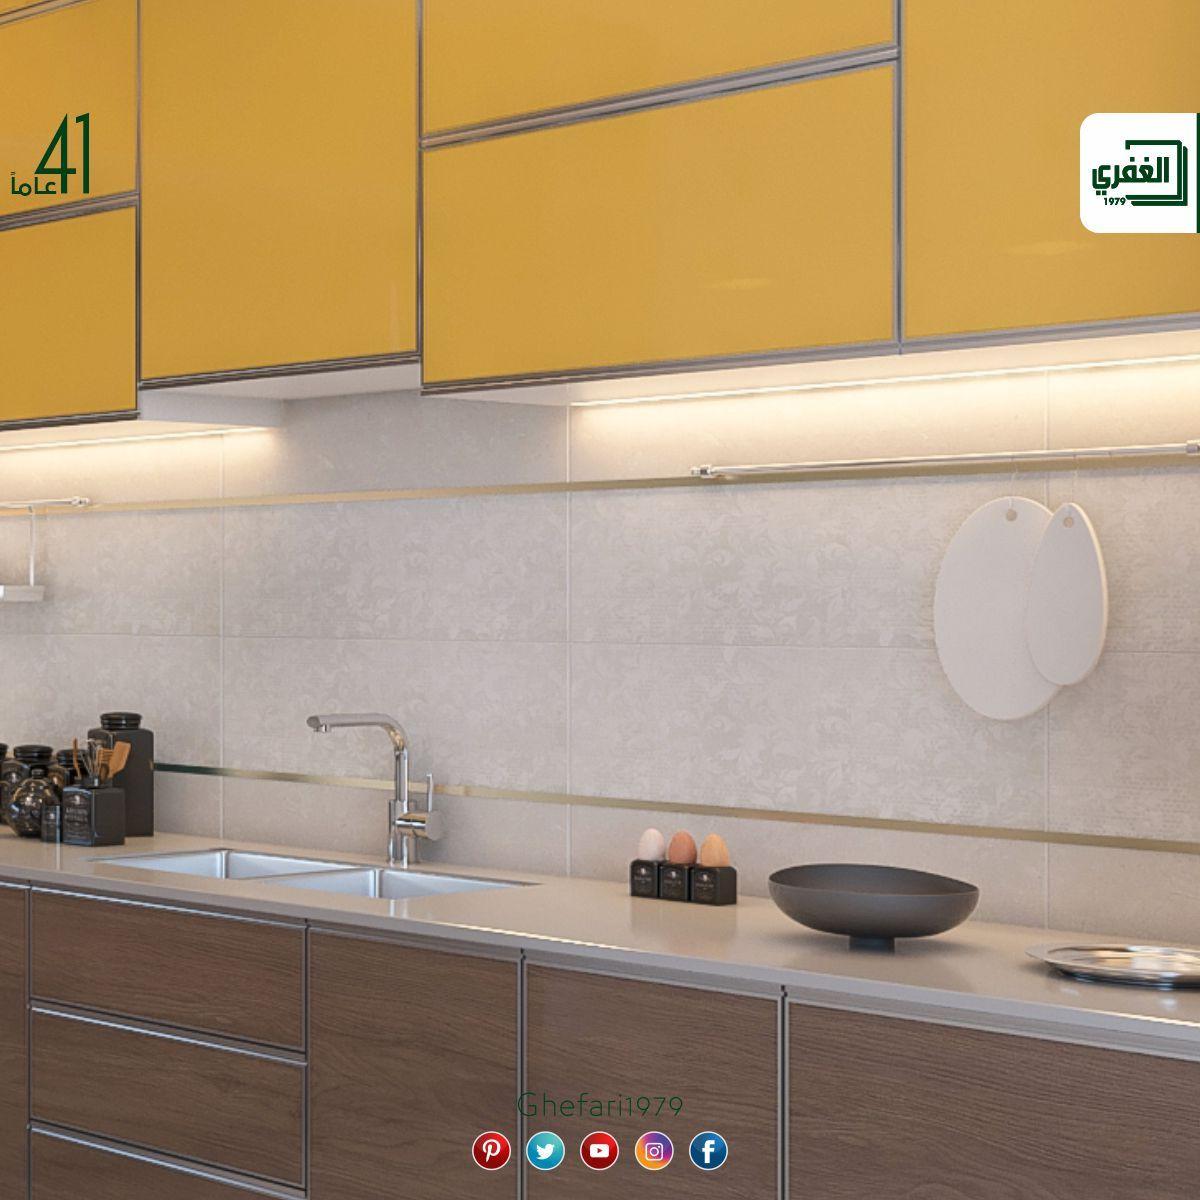 بلاط أسباني للاستخدام داخل الحمامات المطابخ اماكن اخرى للمزيد زورونا على موقع الشركة Https Www Ghefari Com Ar Alessia Kitchen Cabinets Home Decor Decor